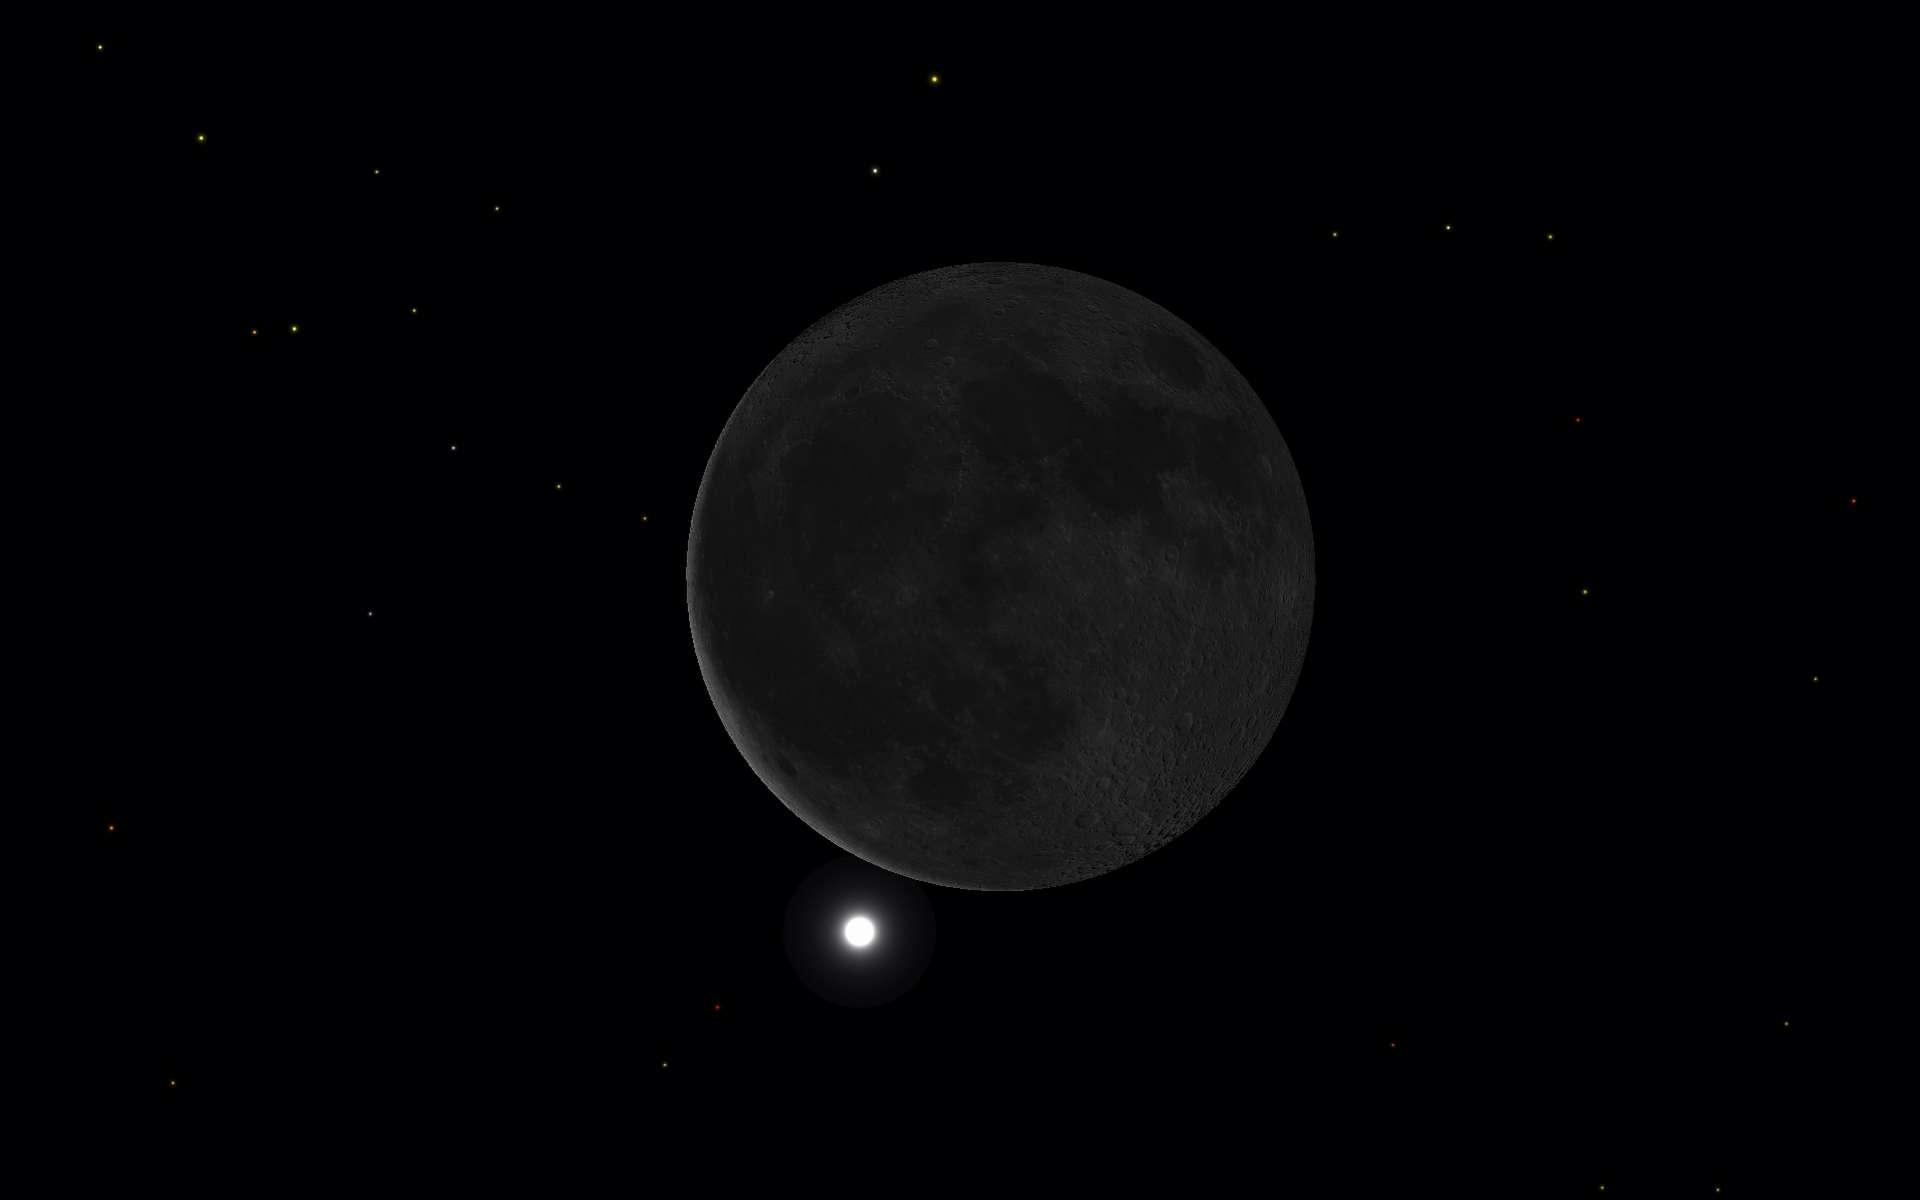 Capture d'écran montrant la Lune en conjonction avec Vénus, quelques instants avant l'occultation de la déesse de l'Amour par notre plus proche voisine, la Lune. © SkySafari